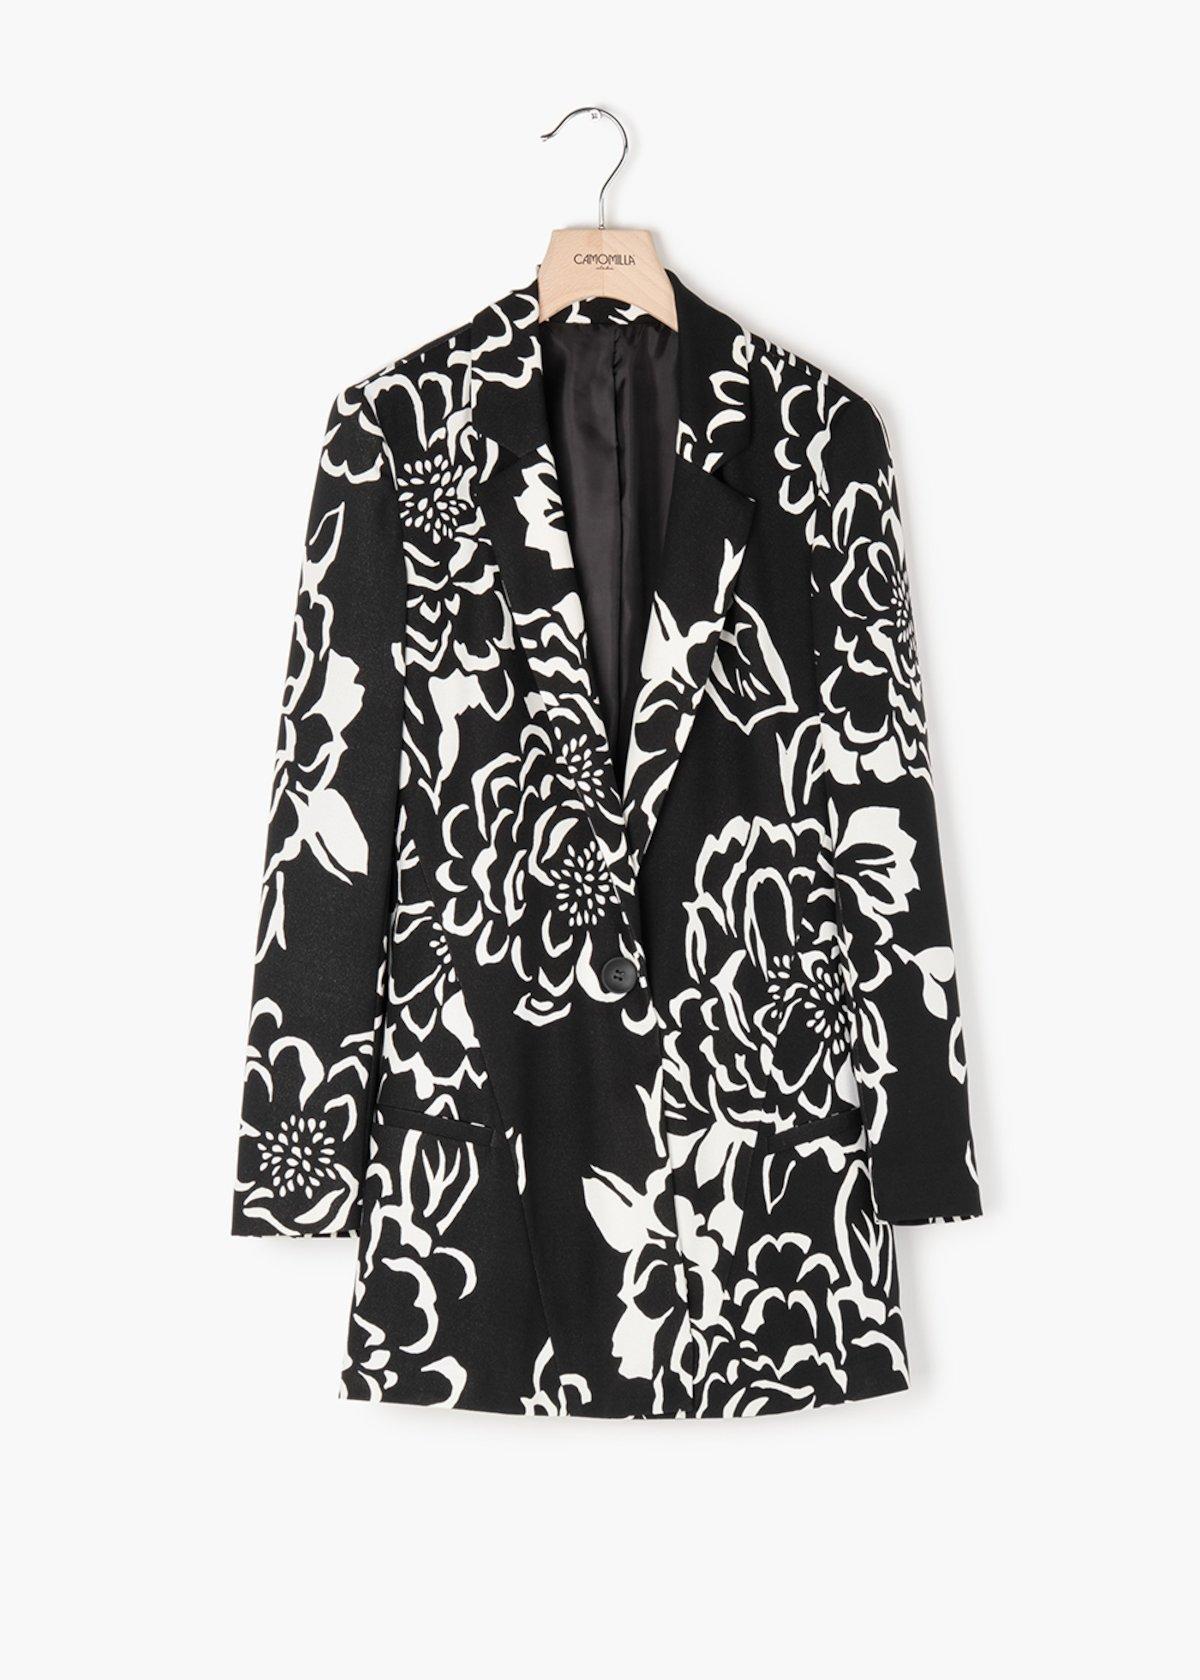 Glady jacket in floral print crêpe - Black / White Fantasia - Woman